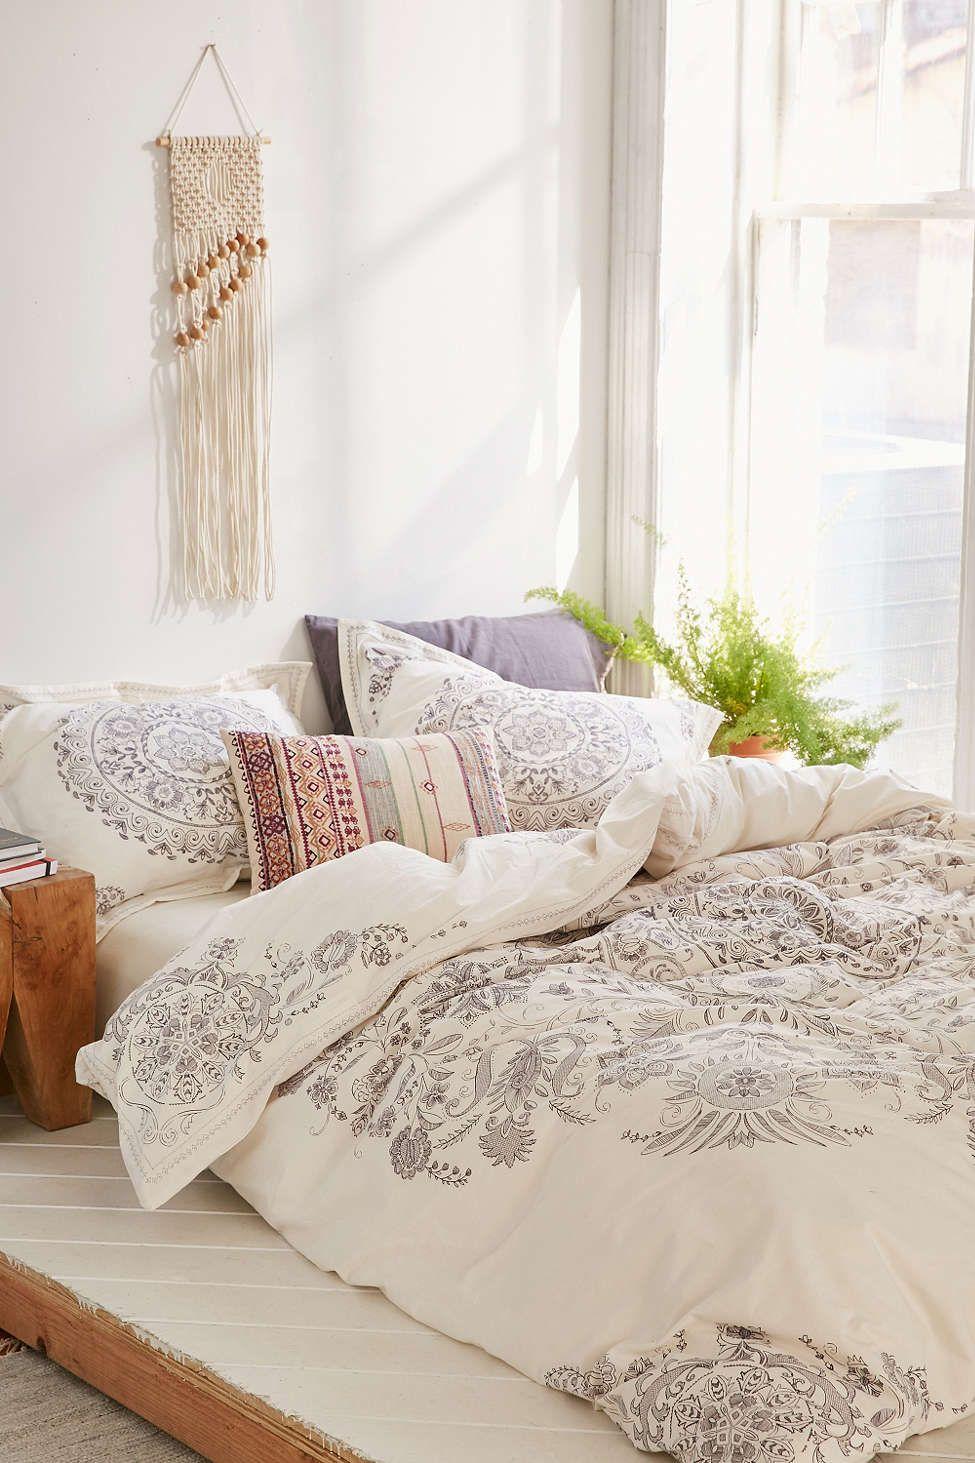 dorm bedroom duvet oriel cover medallion room pinterest pin